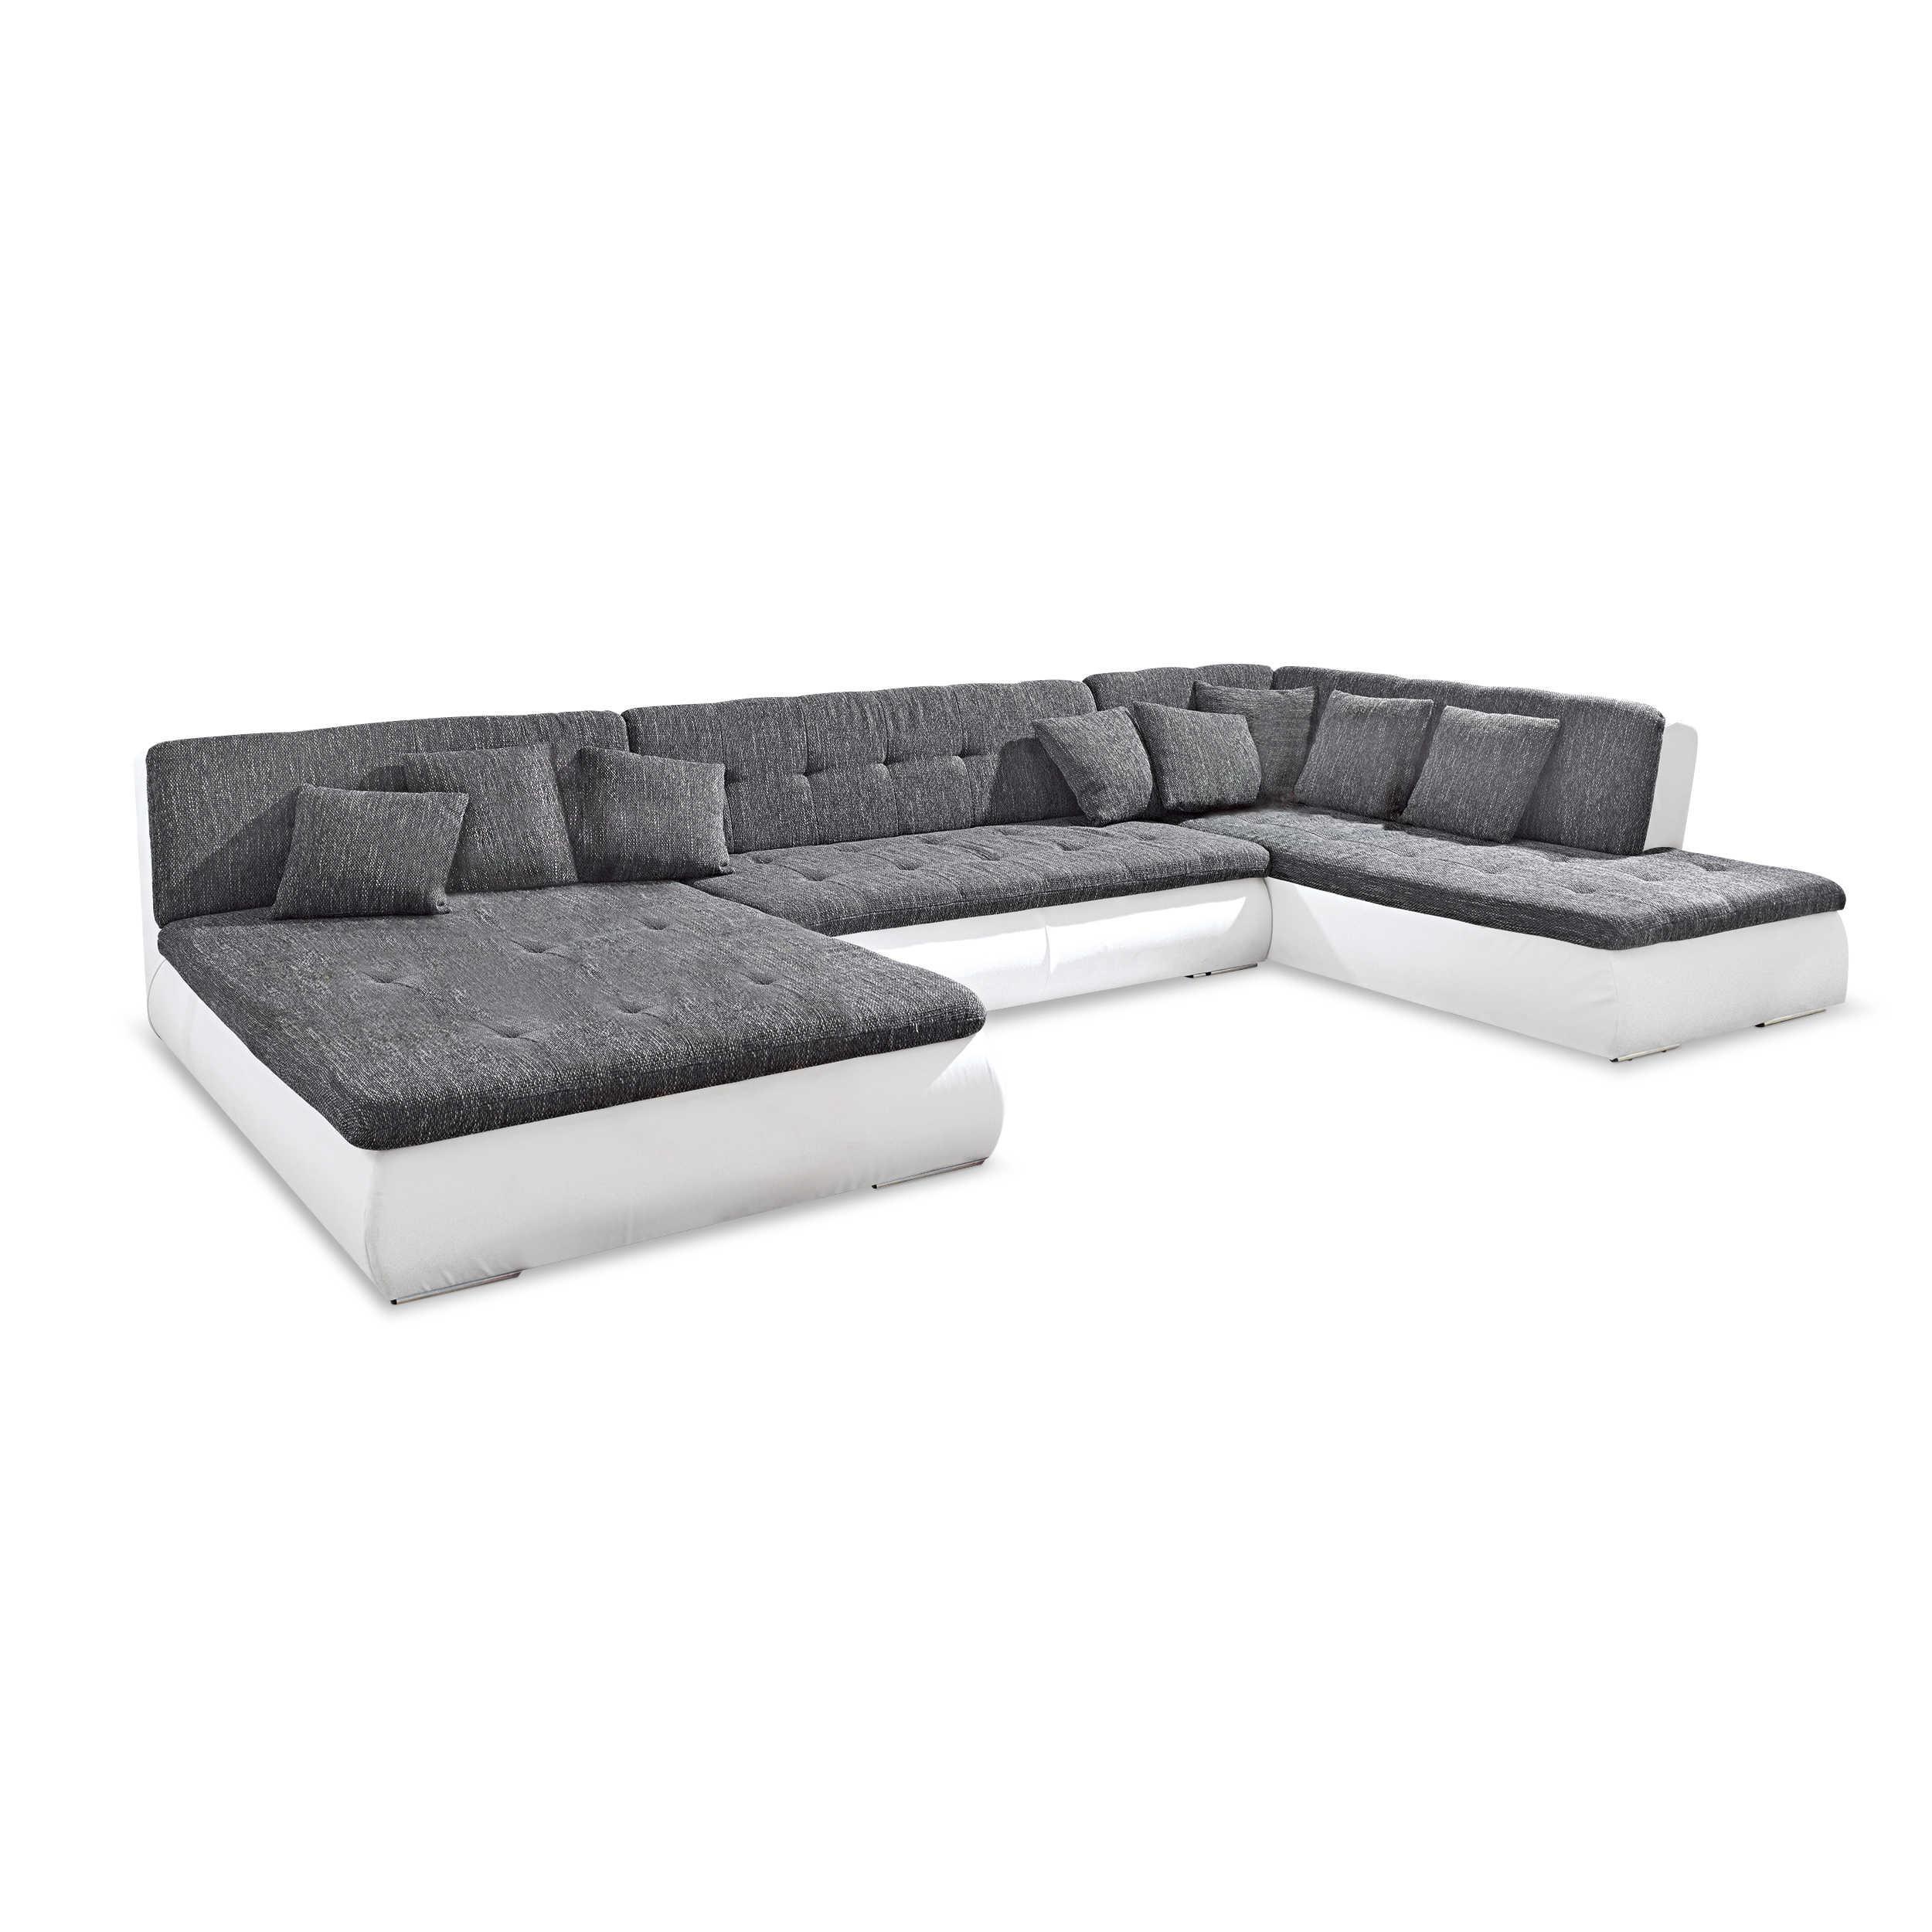 wohnlandschaft povo grau stoff online kaufen bei woonio. Black Bedroom Furniture Sets. Home Design Ideas